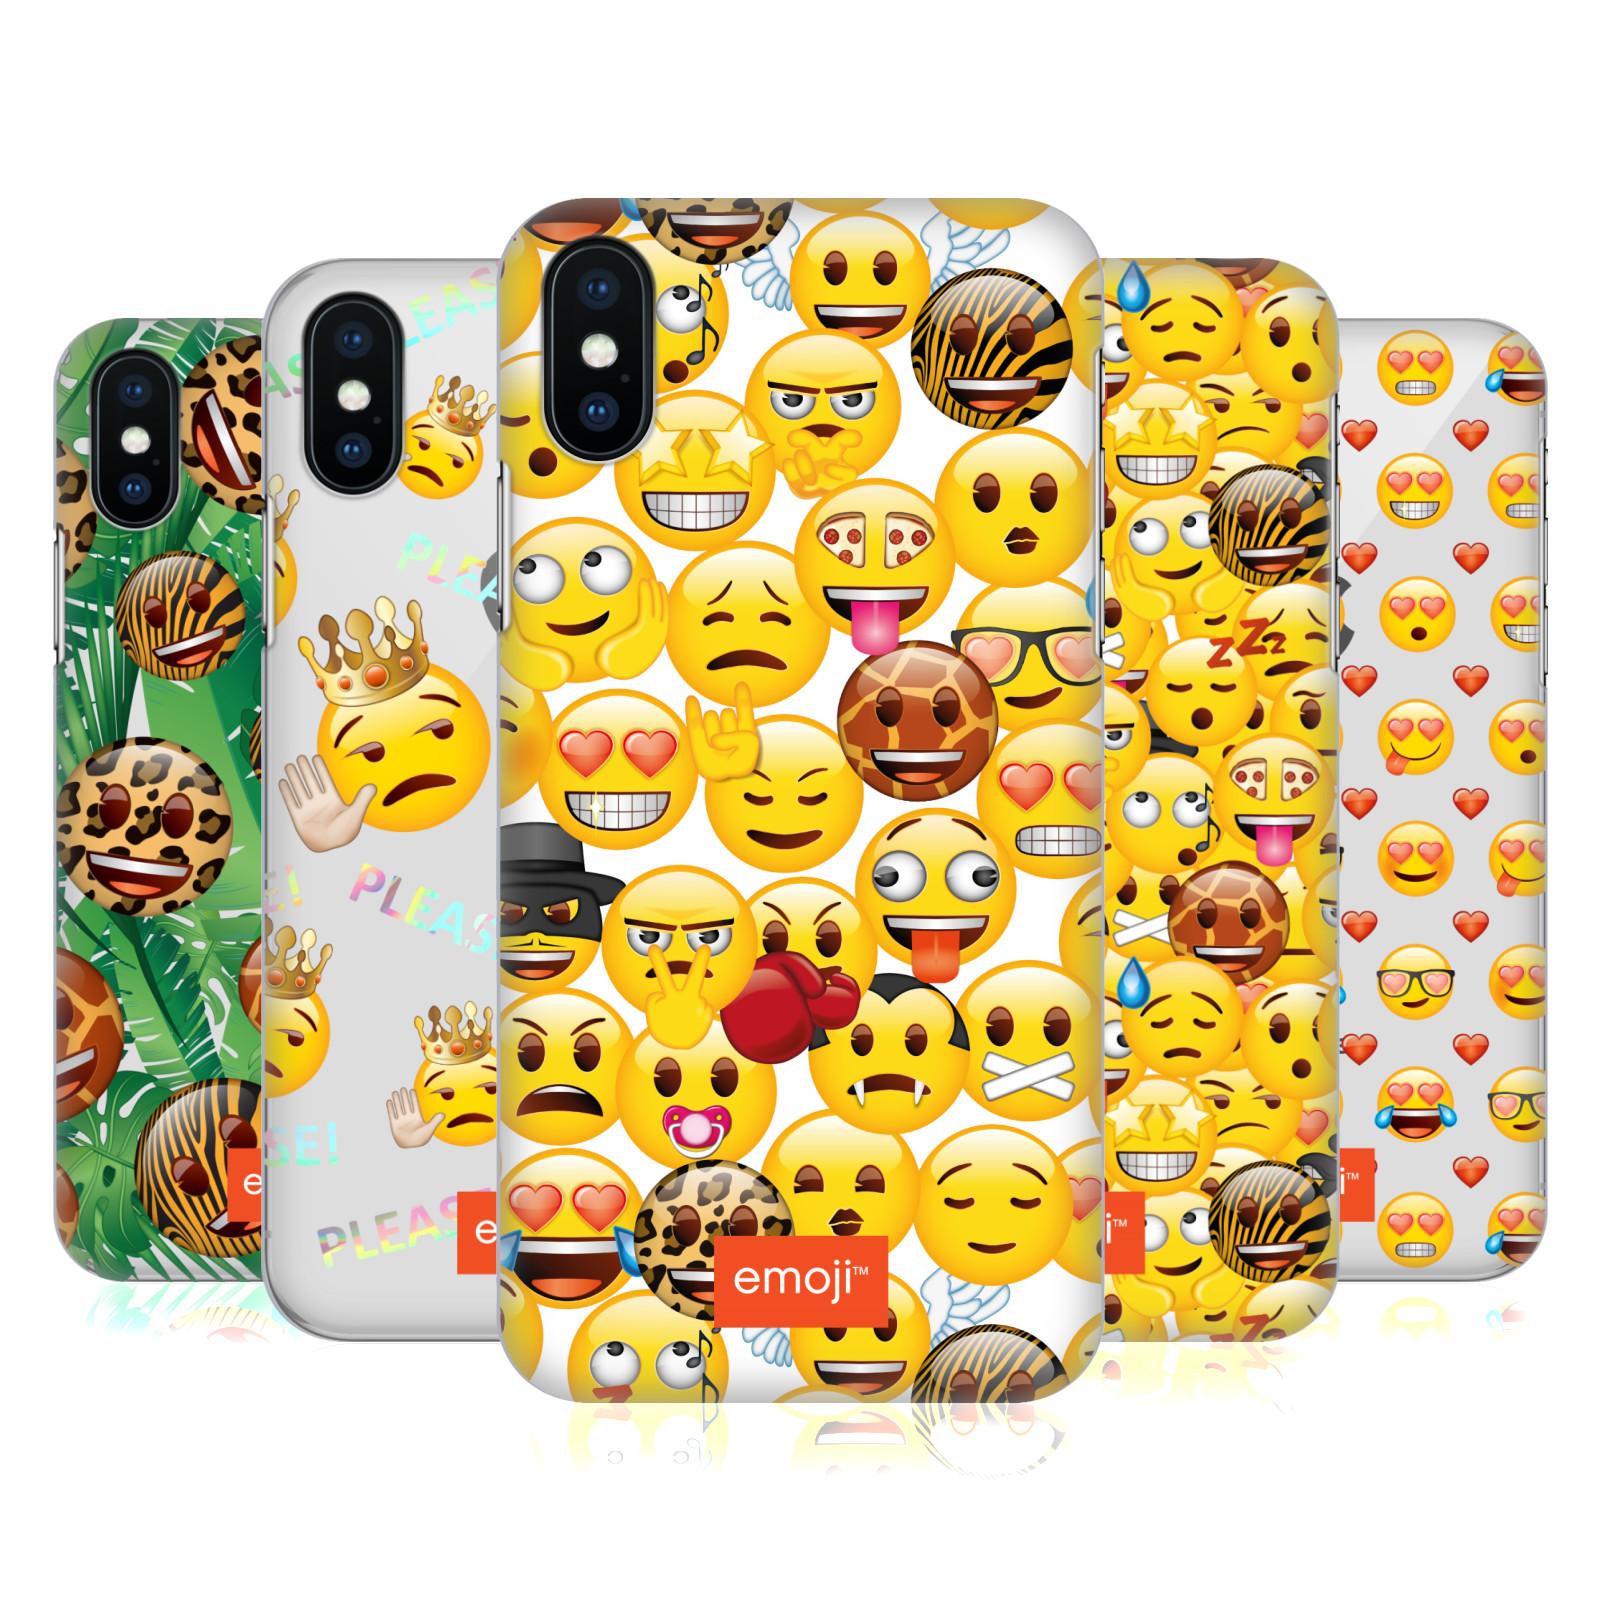 emoji® New Expressions